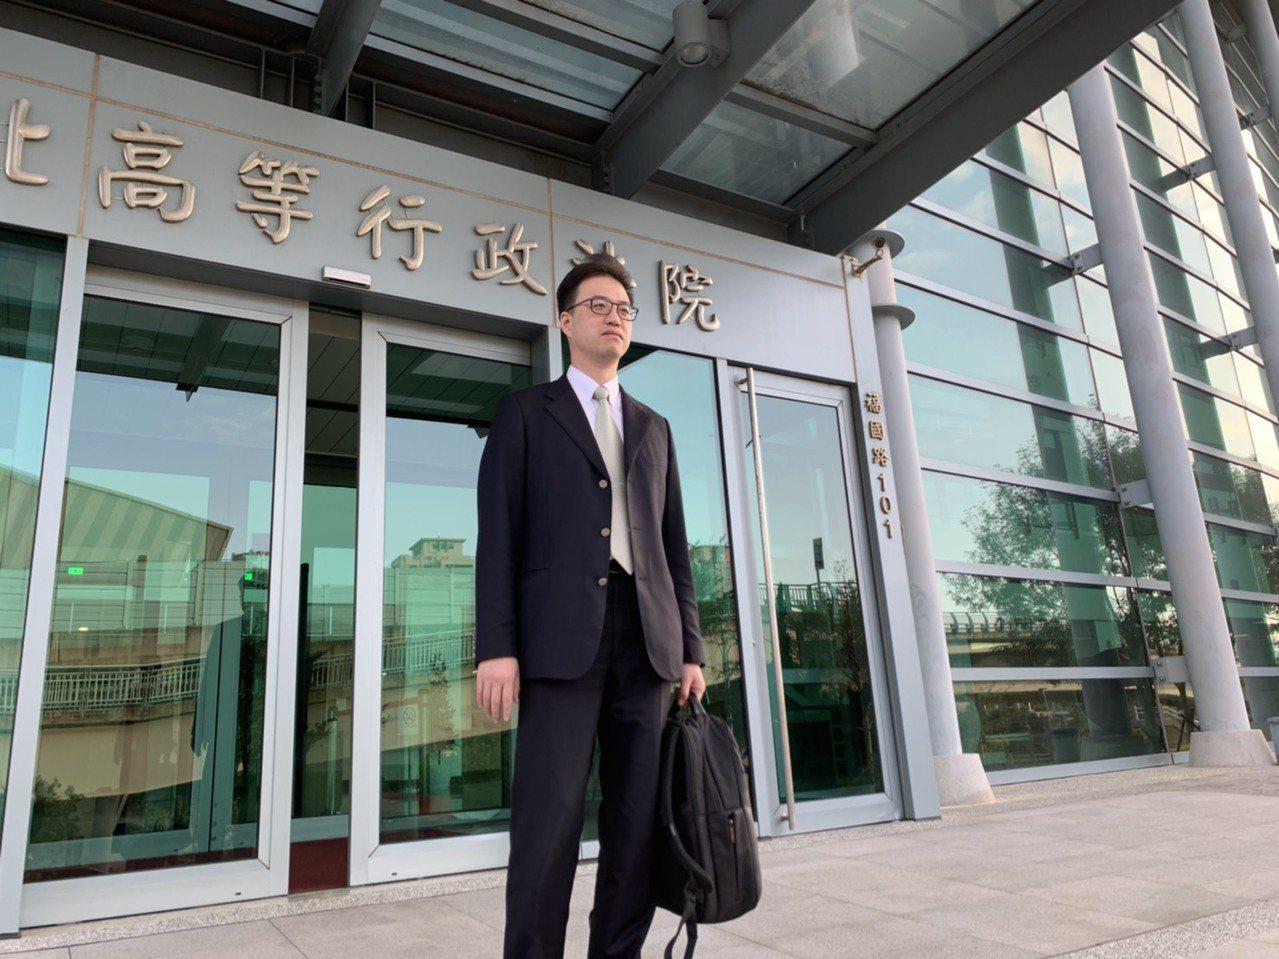 國民黨委任律師張少騰今到庭聽判。記者賴佩璇/攝影